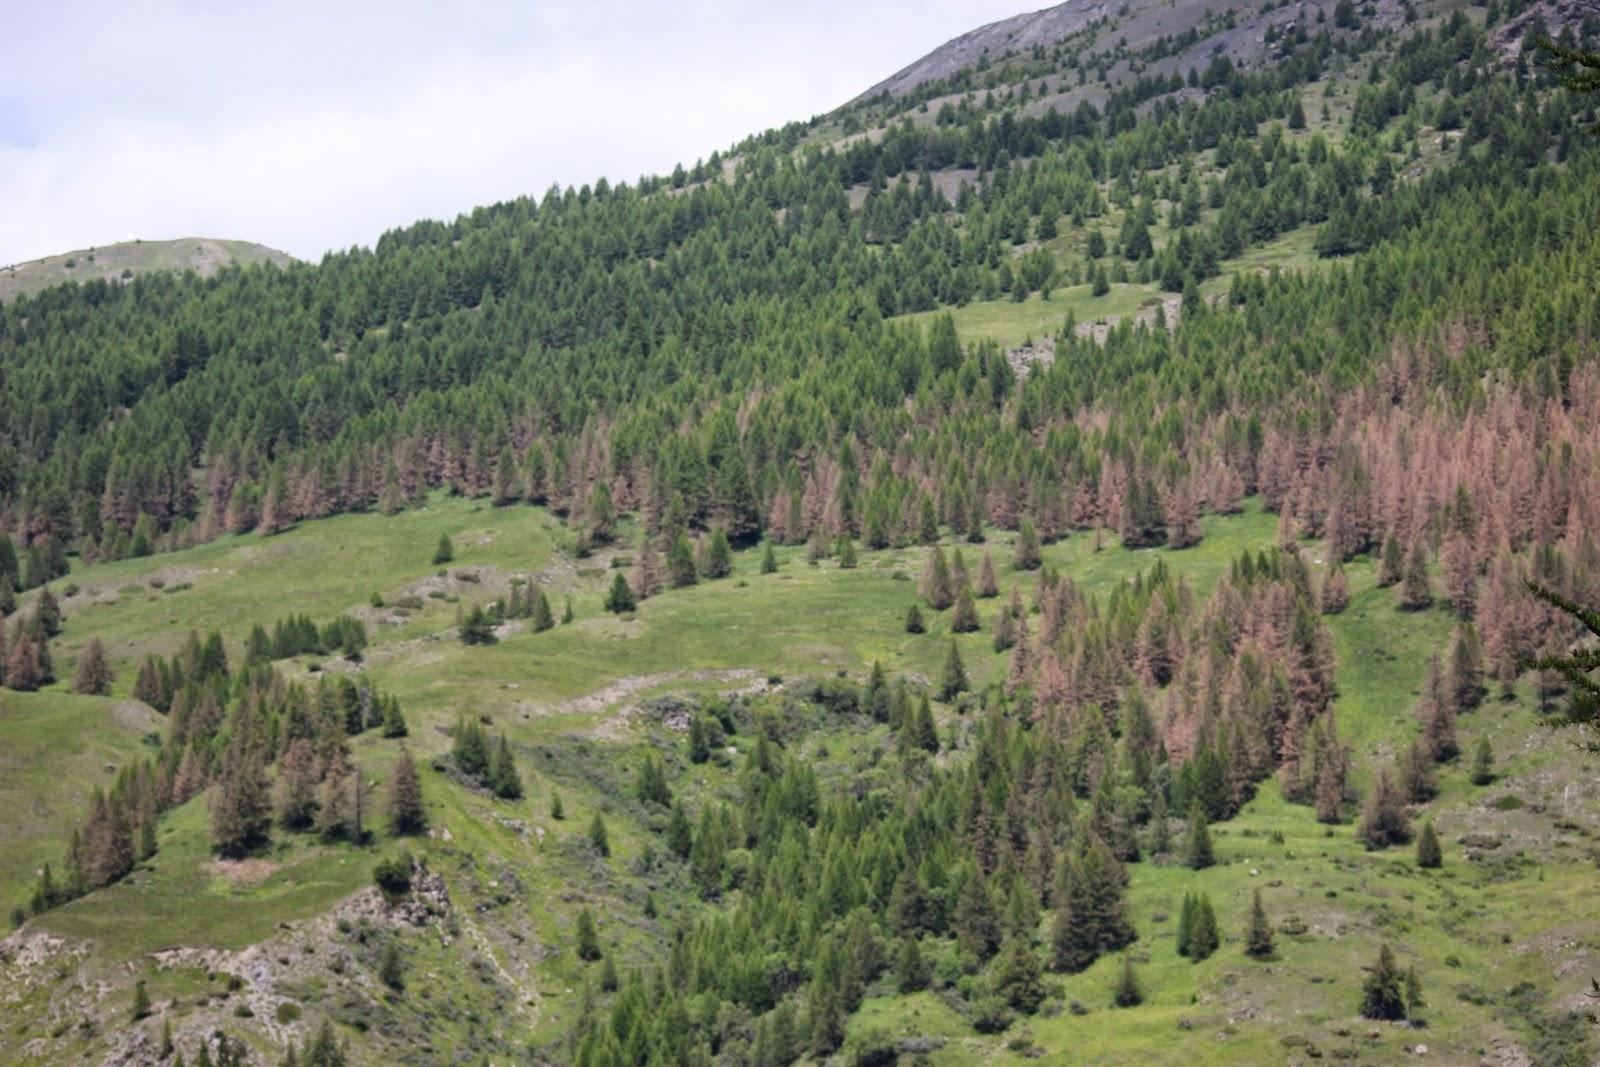 Les forêts de meleze du Queyras